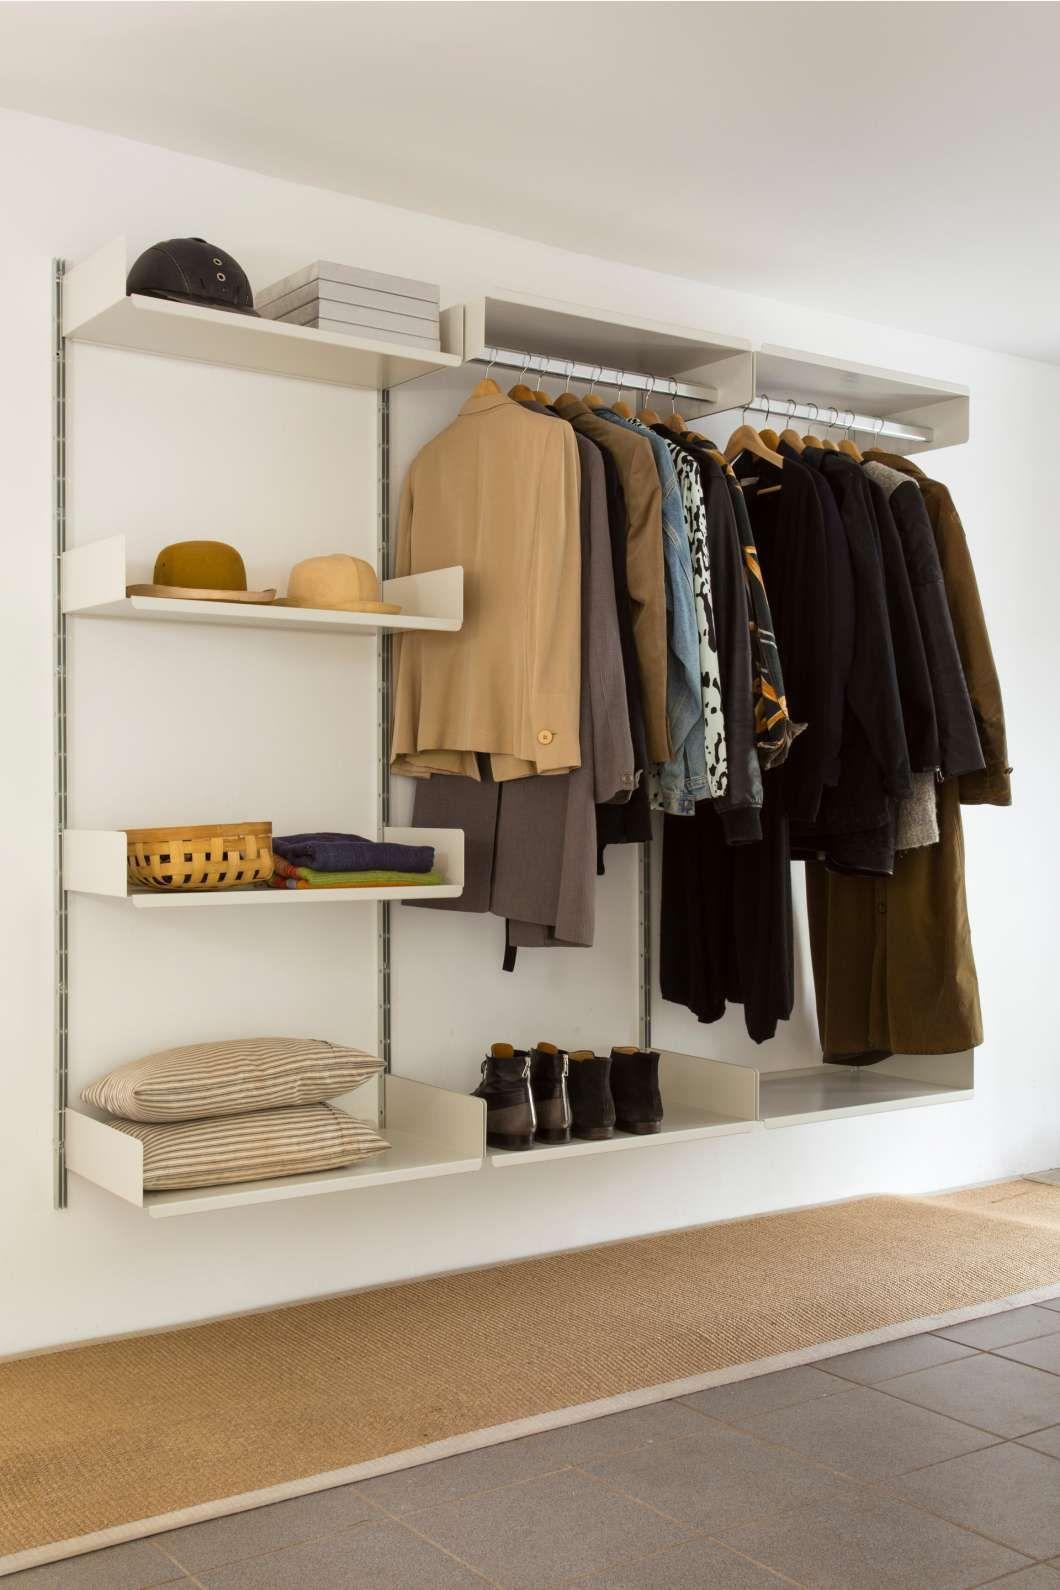 ein klassischer flur garderobenstangen f r m ntel und regale f r schuhe und h teweitere. Black Bedroom Furniture Sets. Home Design Ideas